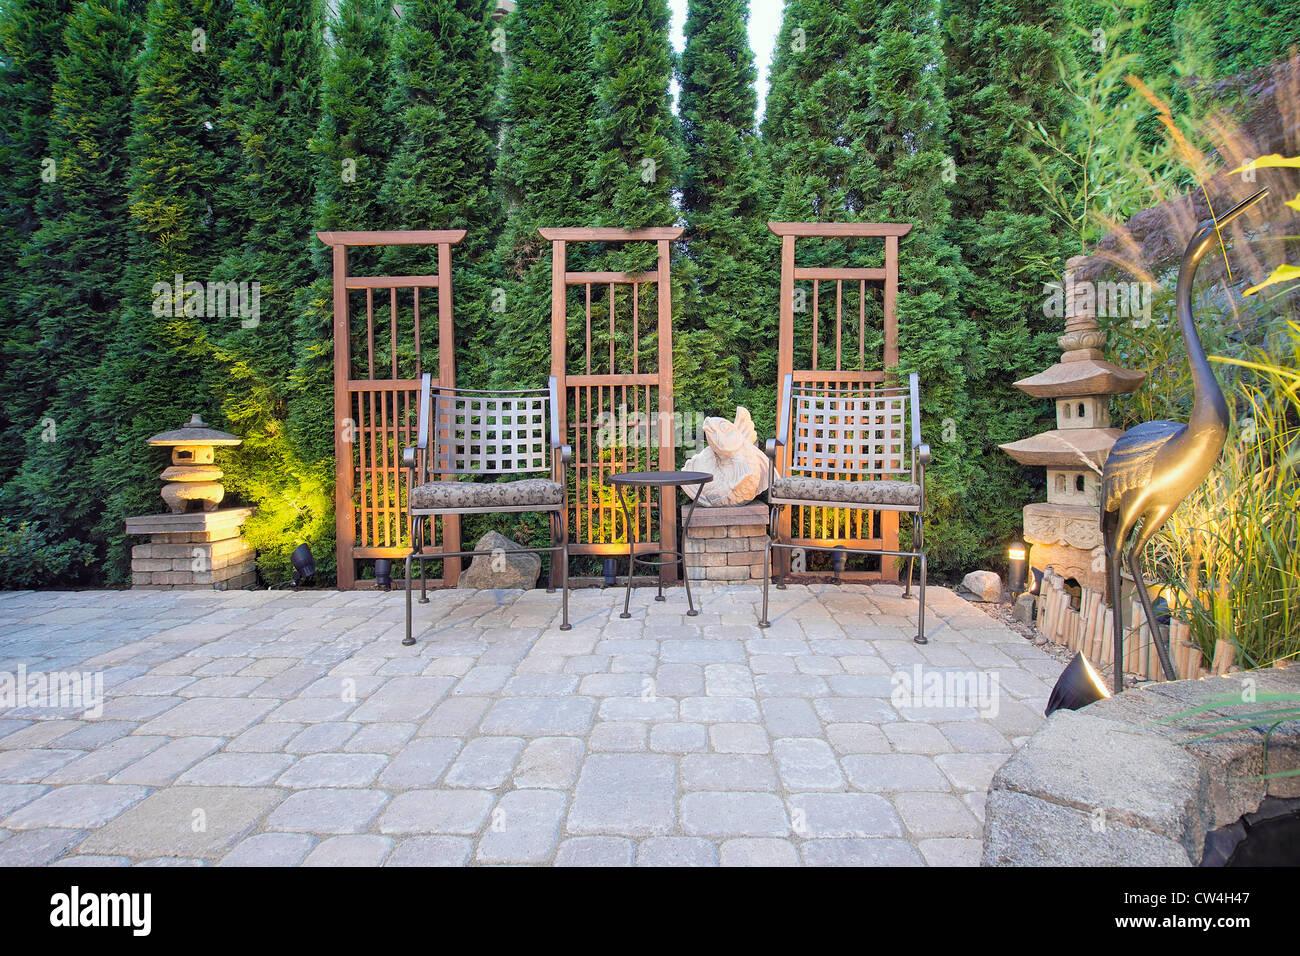 Garden paver patio with trellis japanese stone lantern for Garden pagodas designs